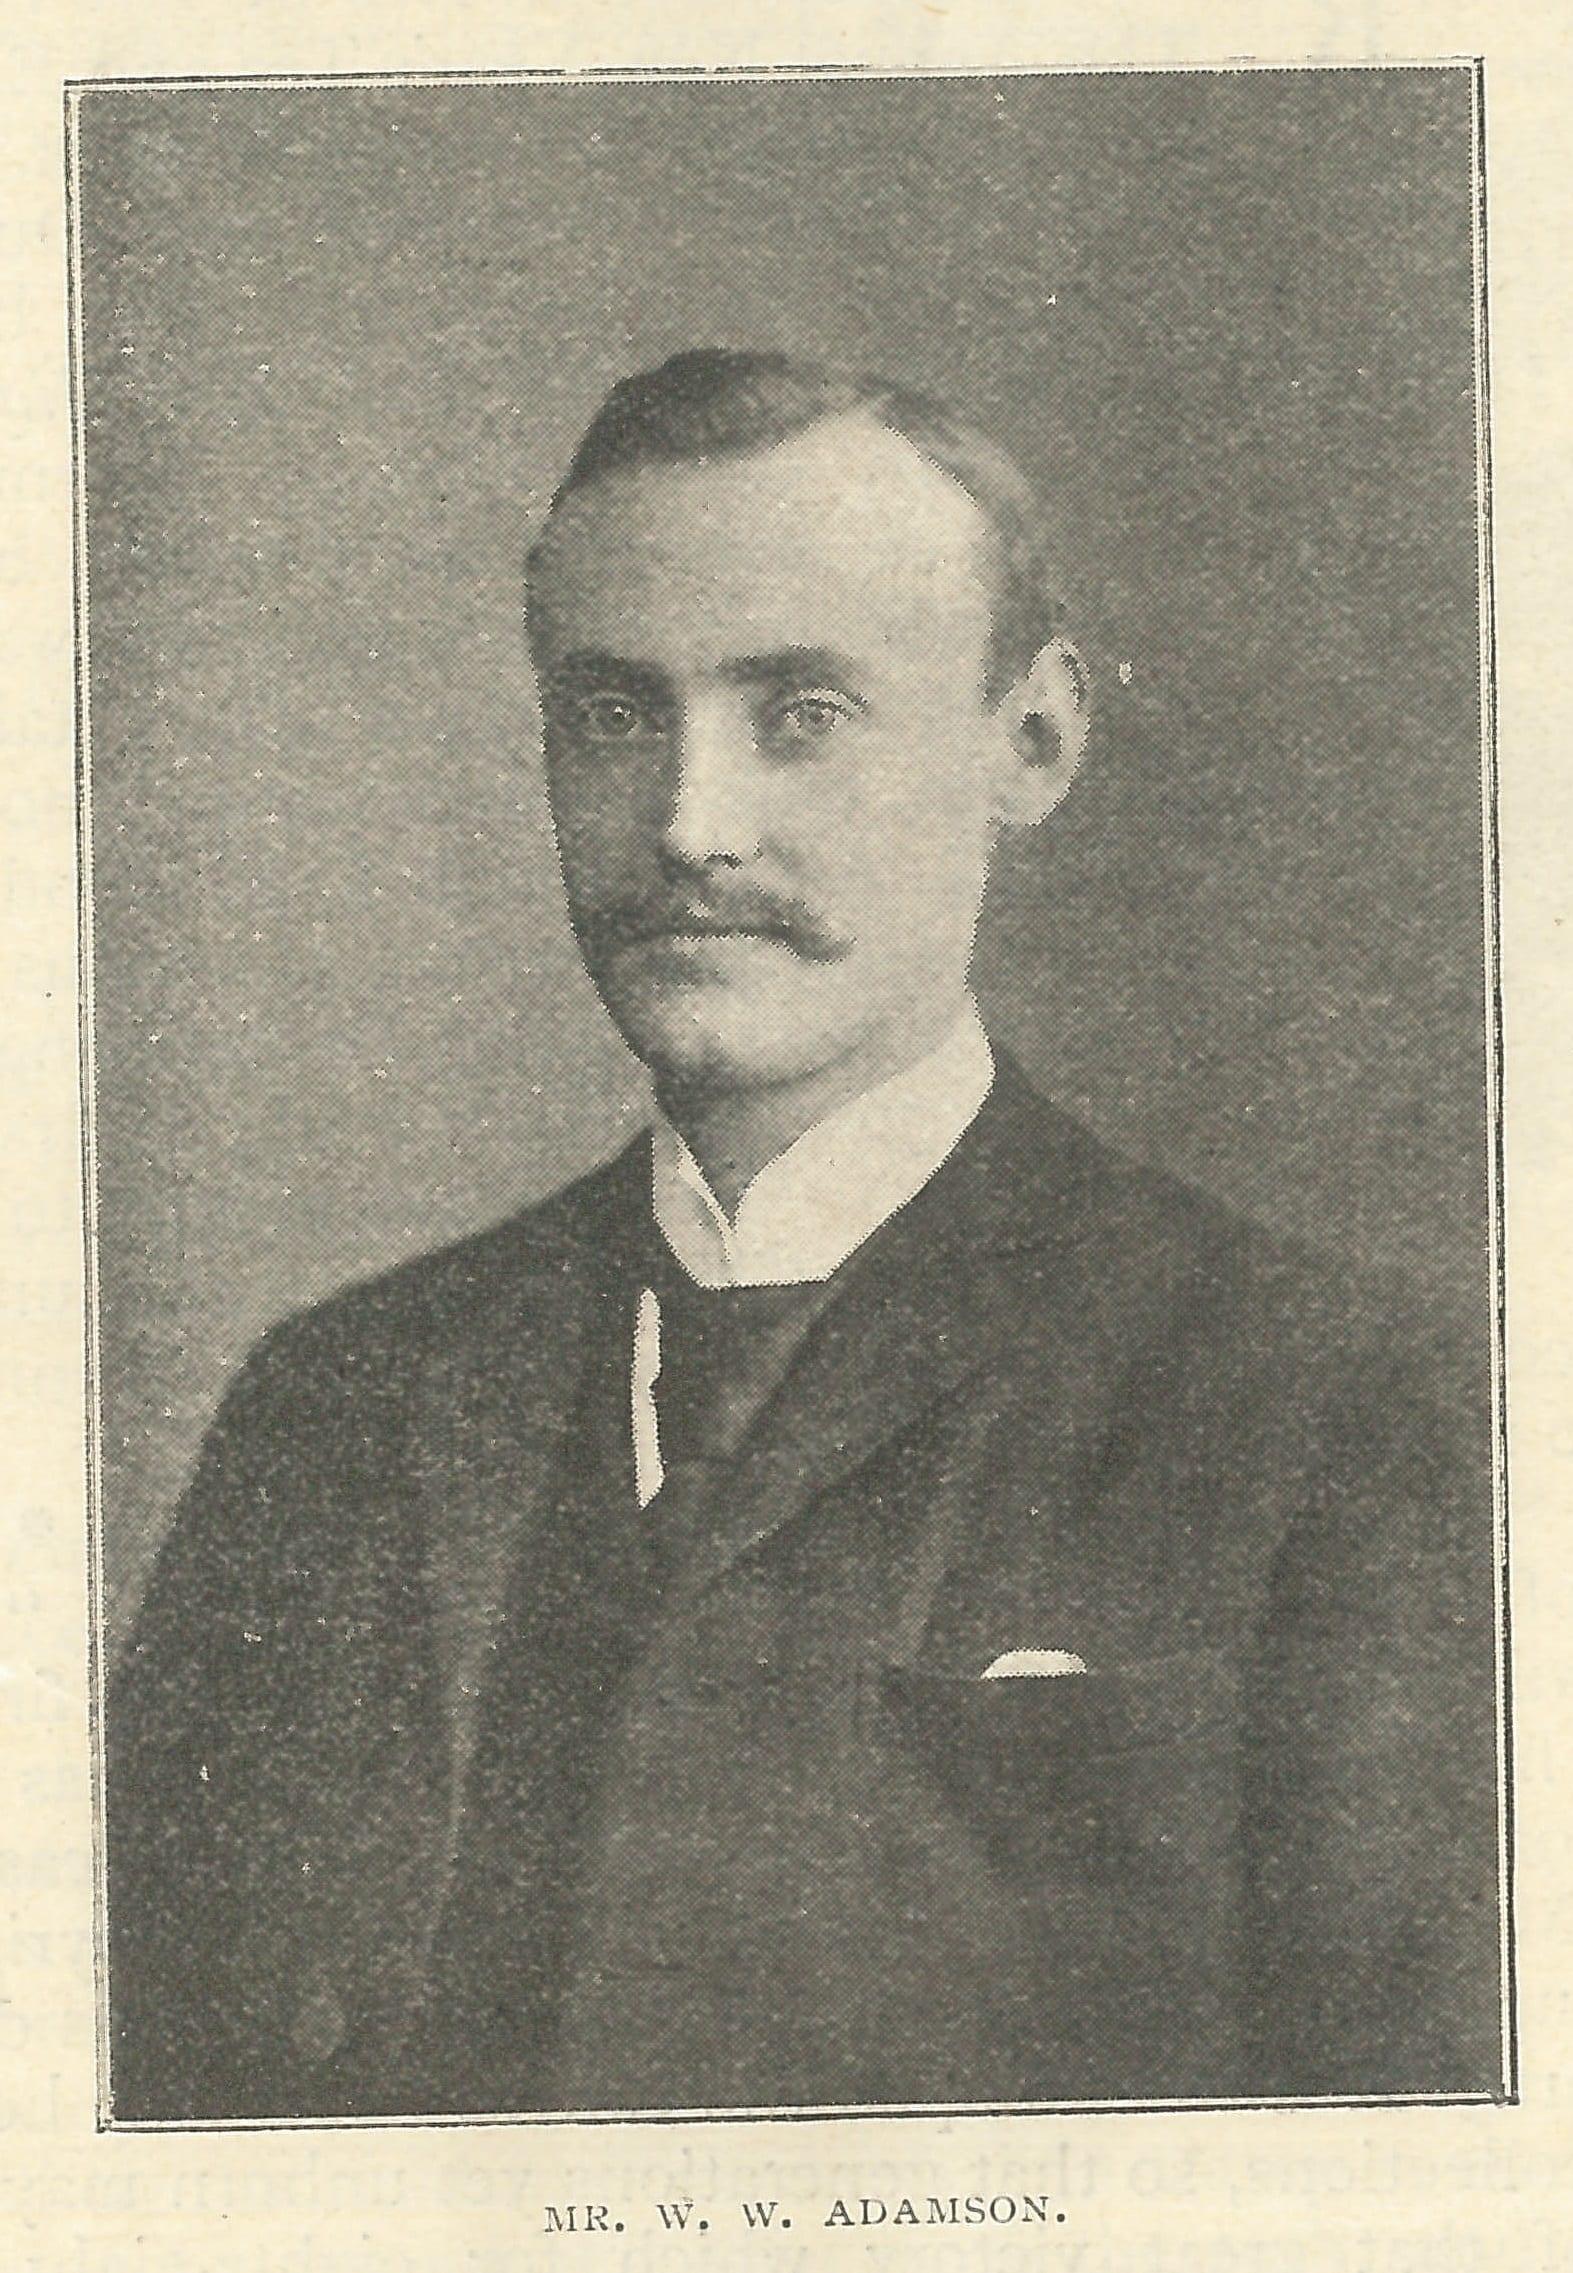 WW Adamson